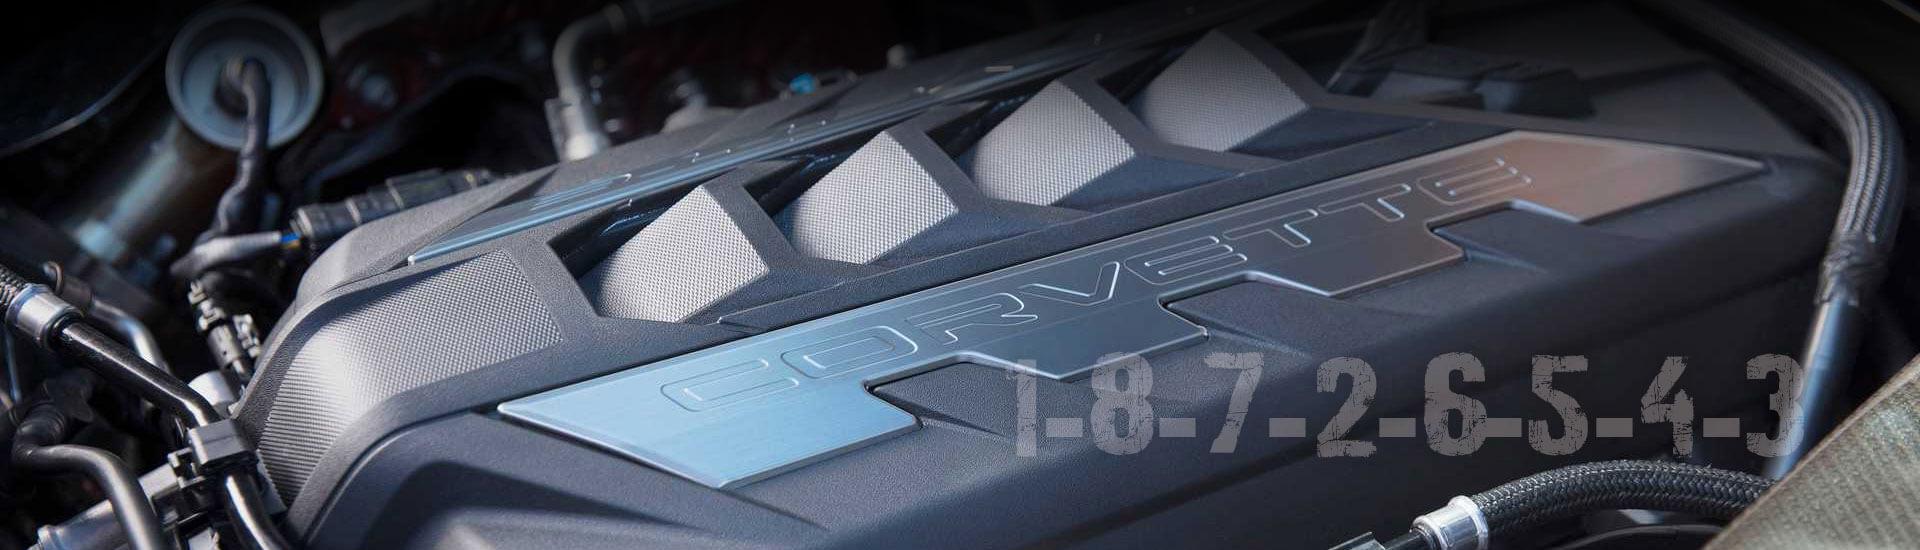 Corvette C8 motor